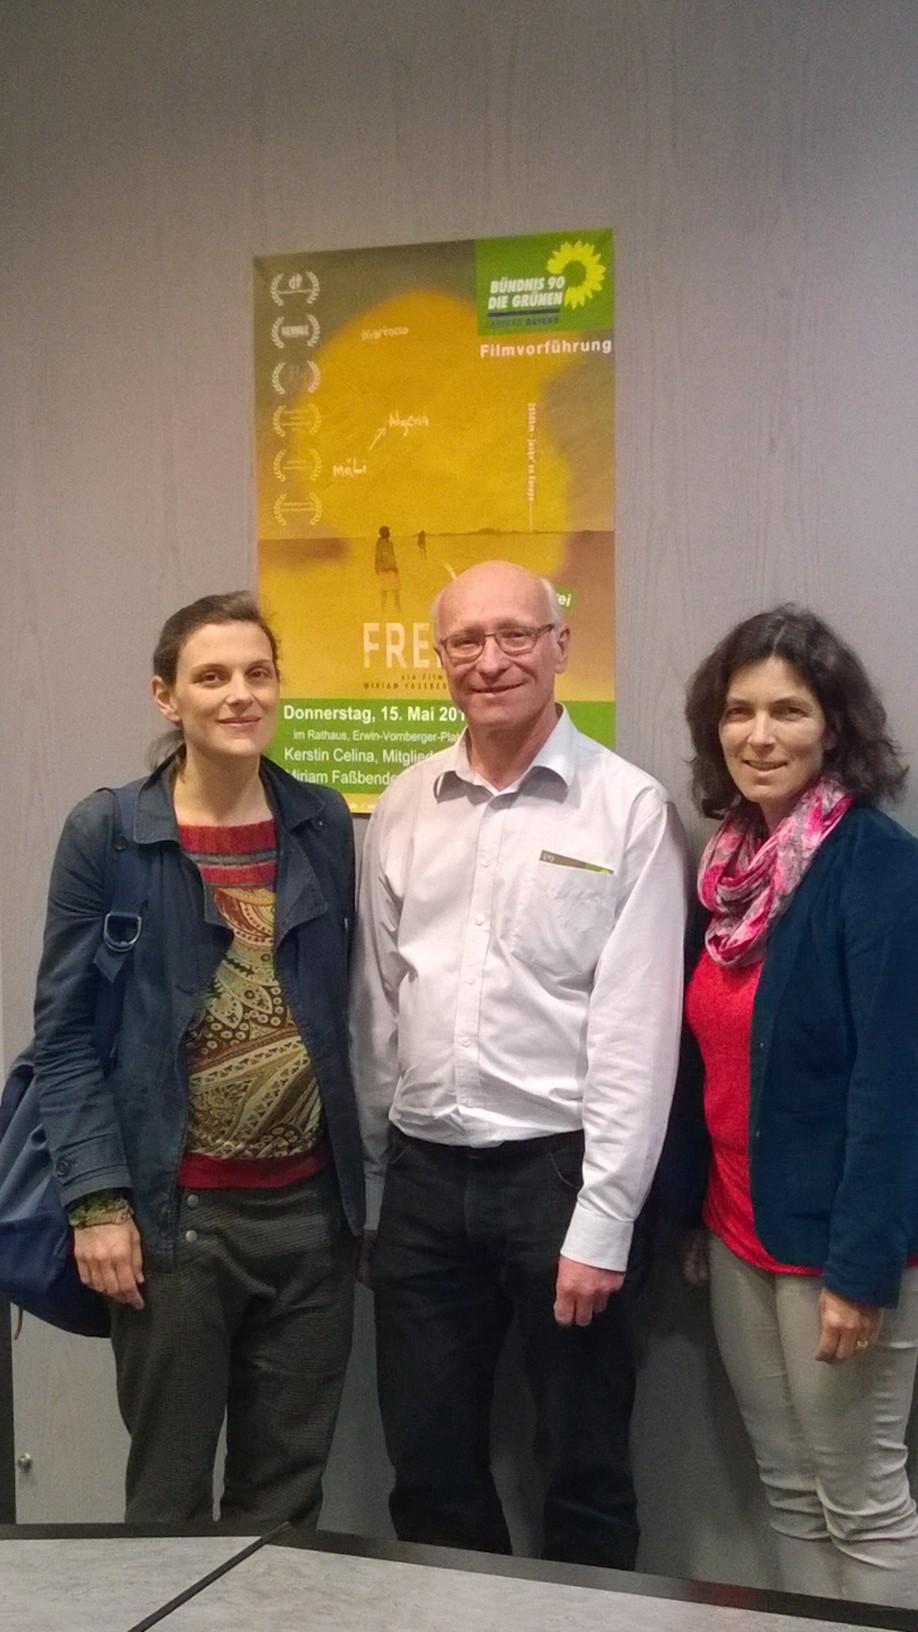 Miriam Fassbender, die Regisseurin, Günter Thein, Ortsvorsitzender der Grünen und Kerstin Celina, MdL